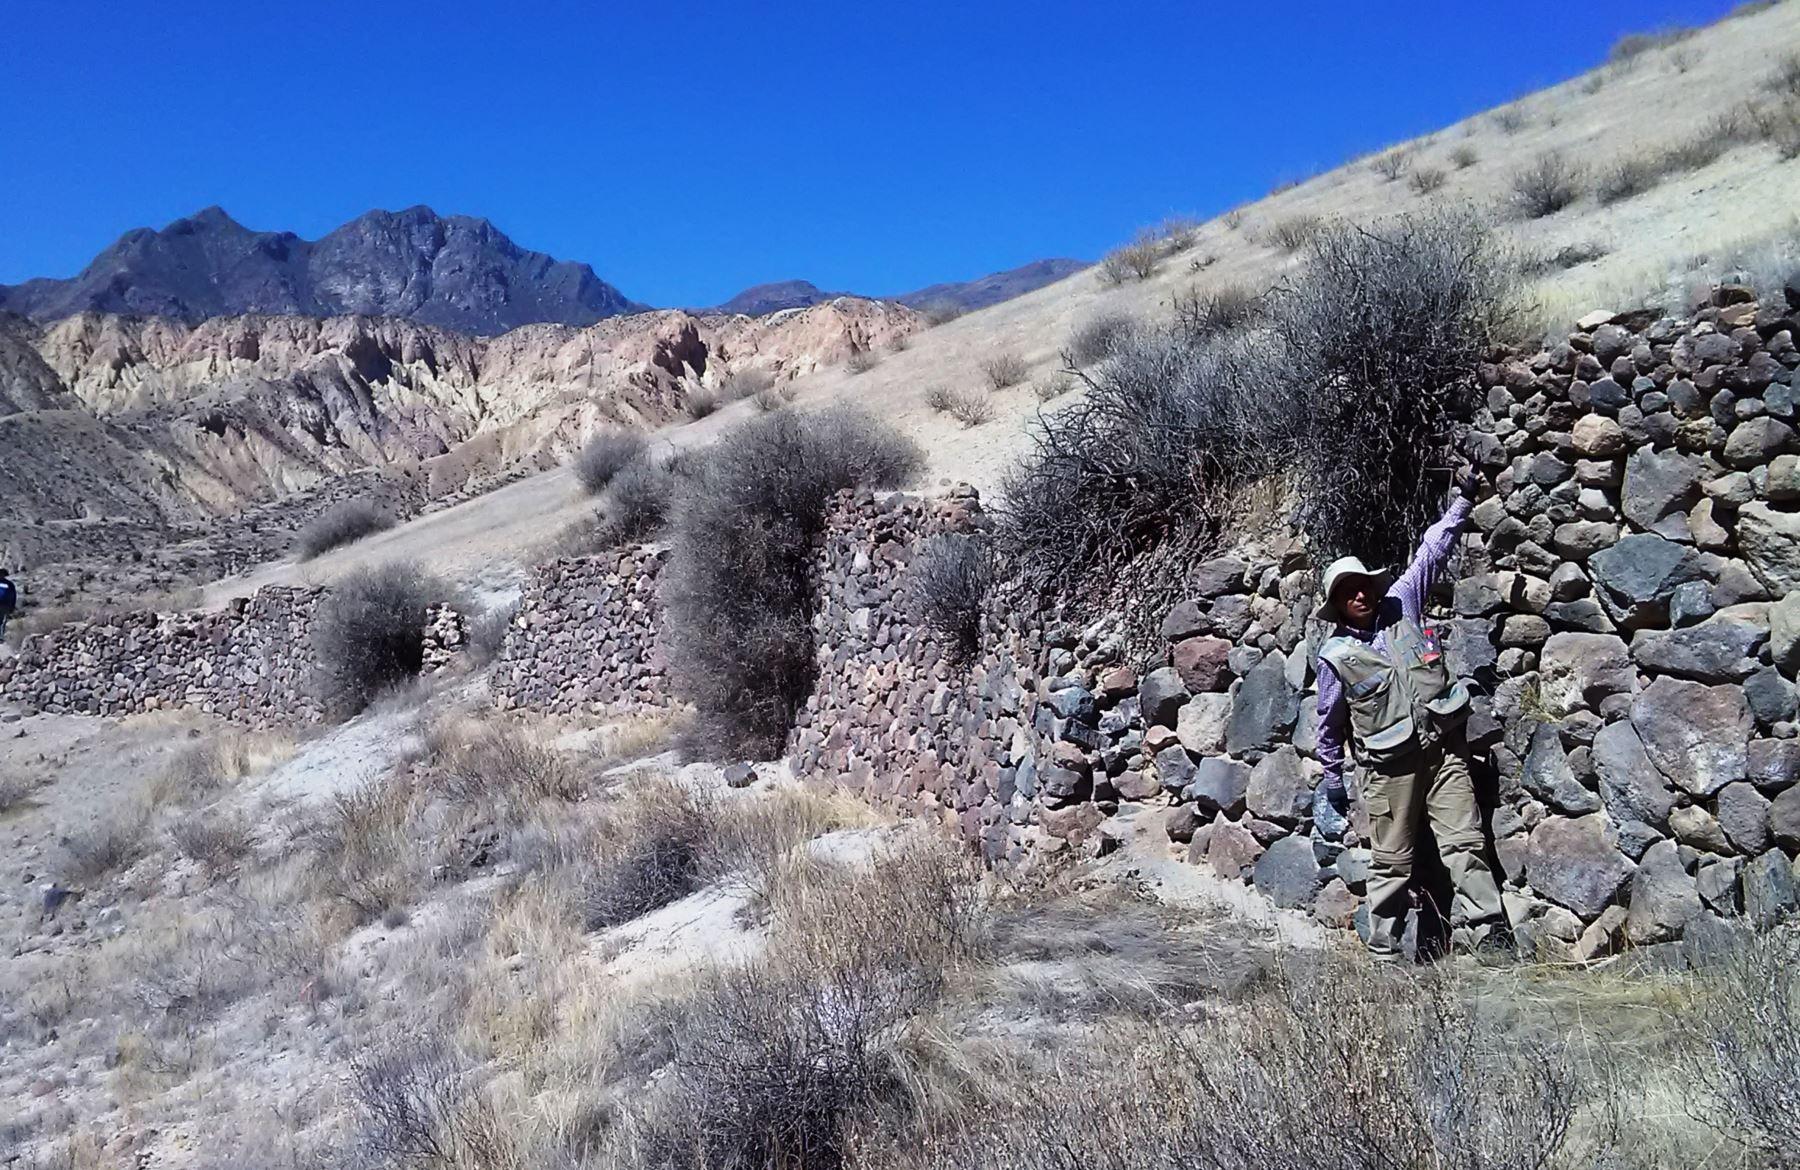 La erupción del volcán Huaynaputina en febrero de 1600 destruyó la ciudadela inca de Estagagache, ubicada en la región sureña de Moquegua, según reciente investigación del Ingemmet. Foto: ANDINA/Ingemmet